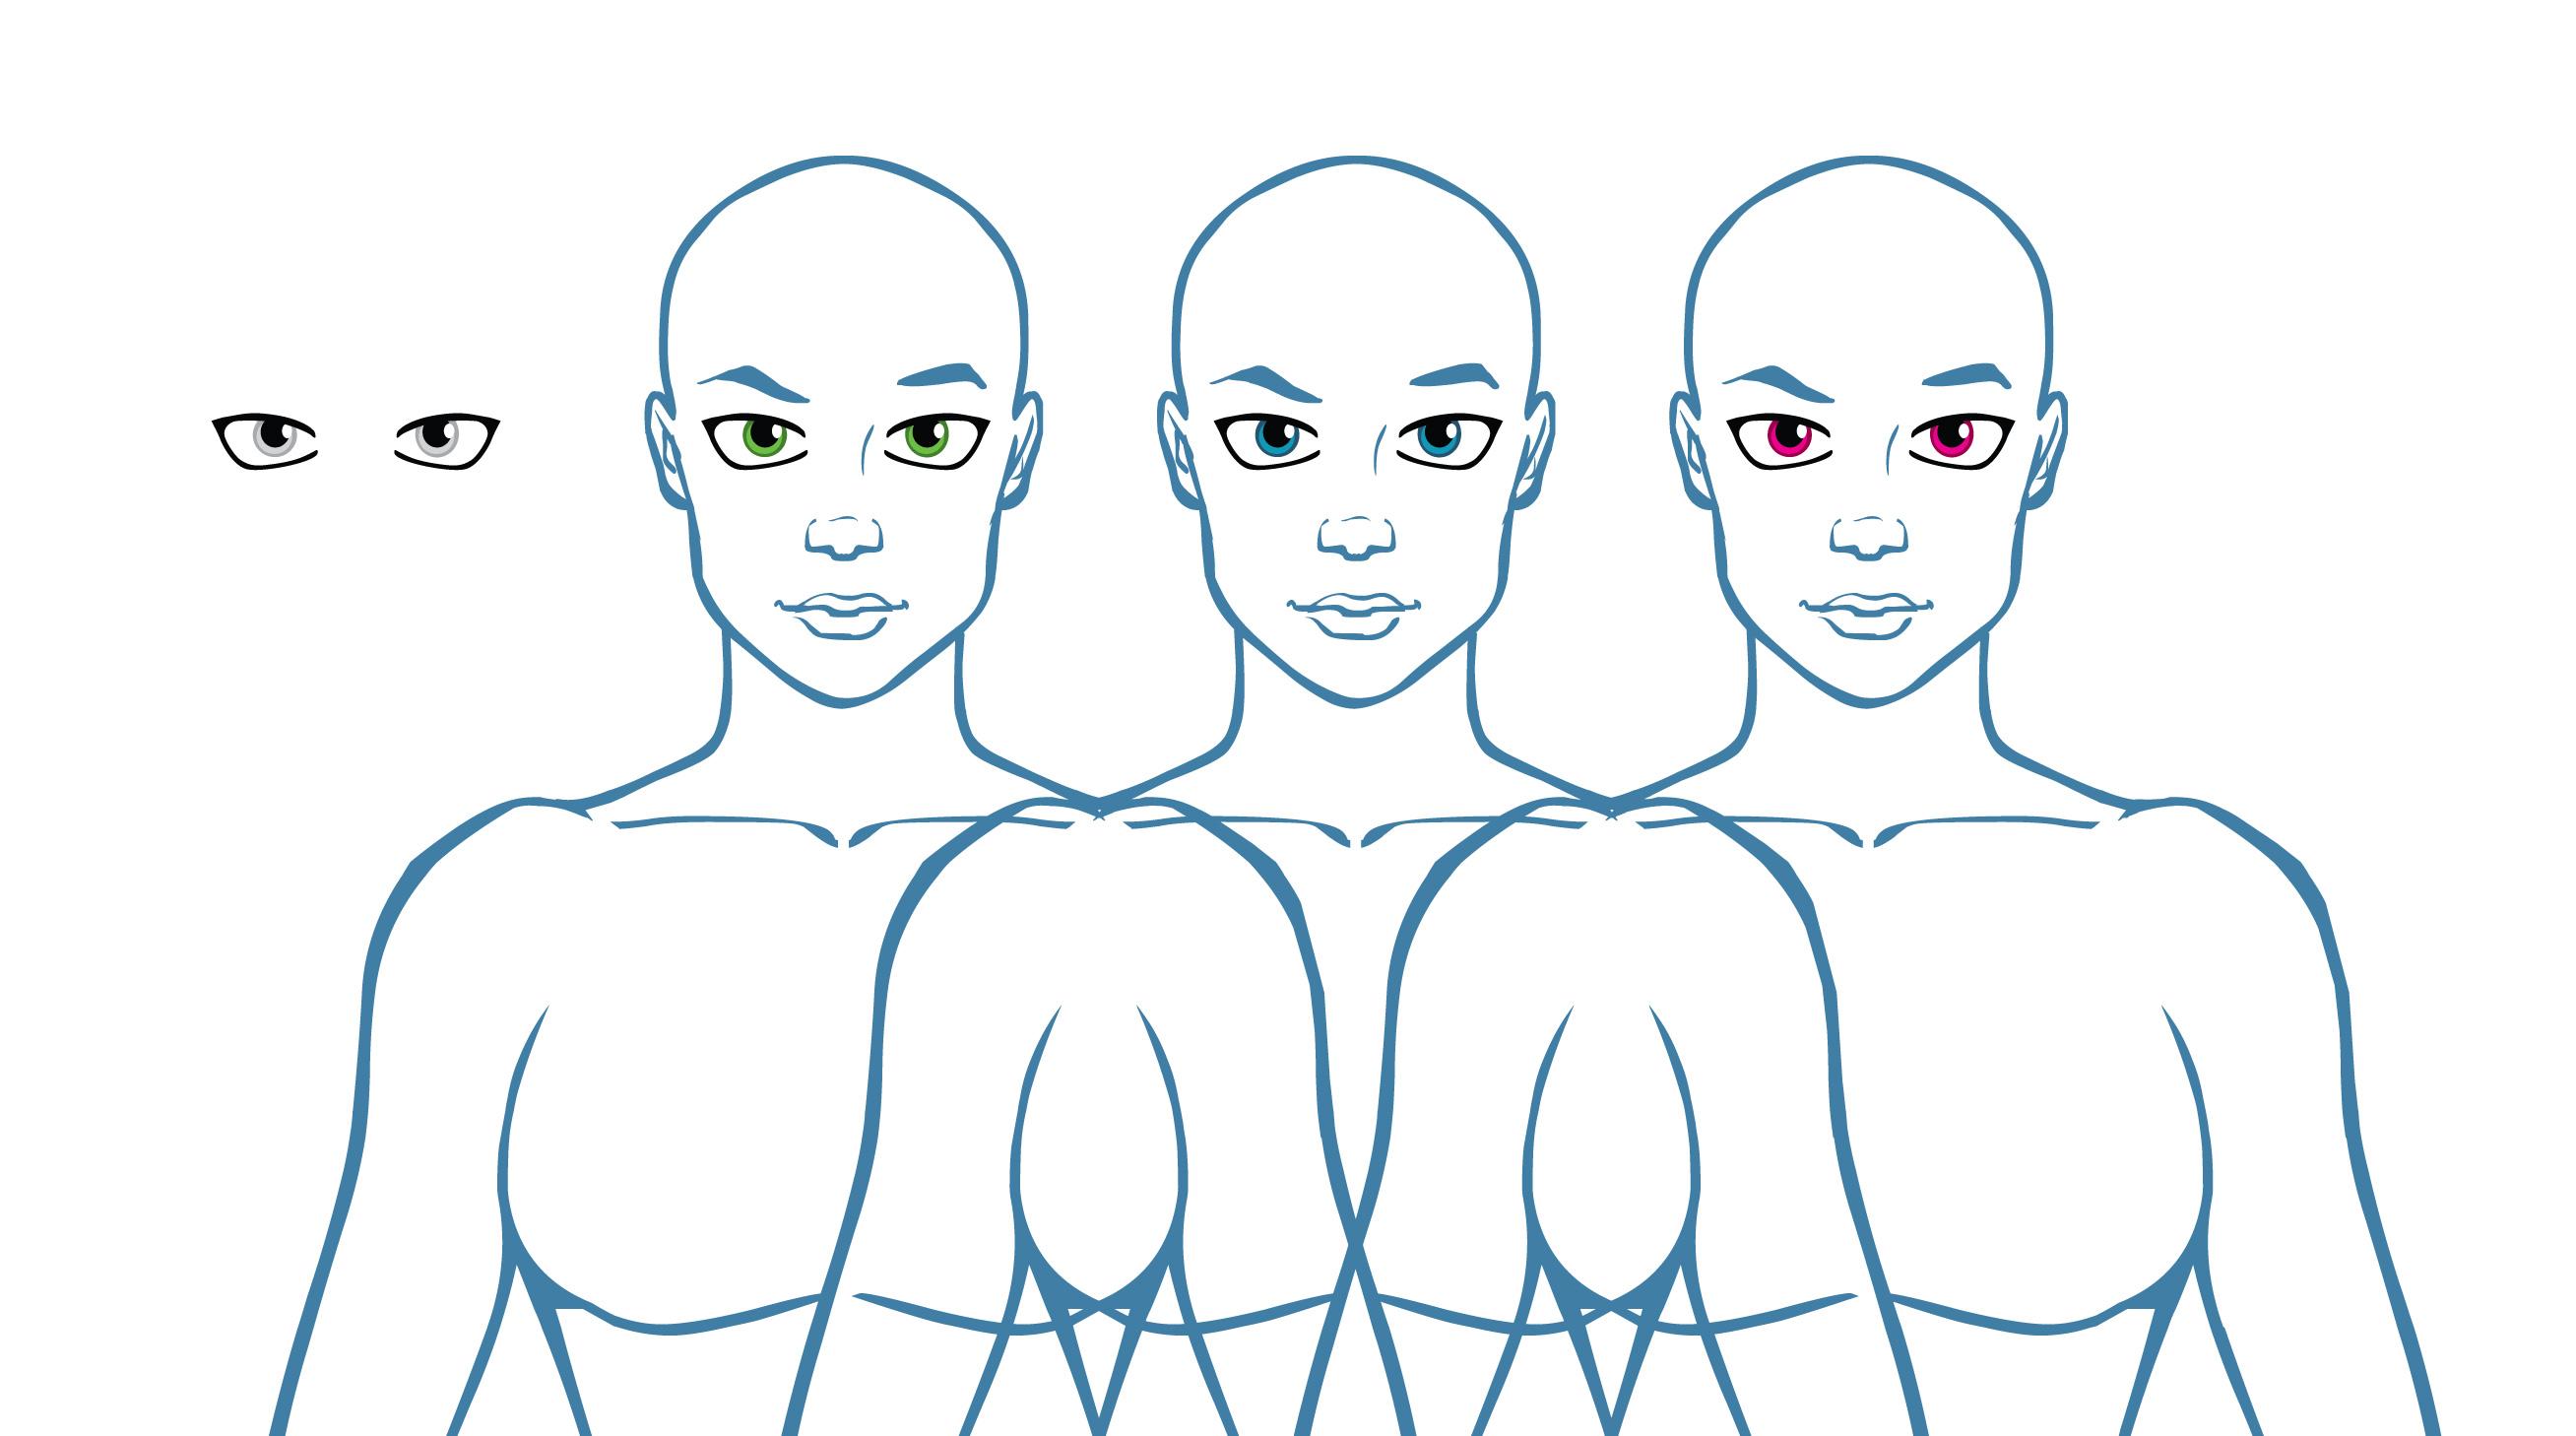 Eye_MangaRobot_SHOW.jpg